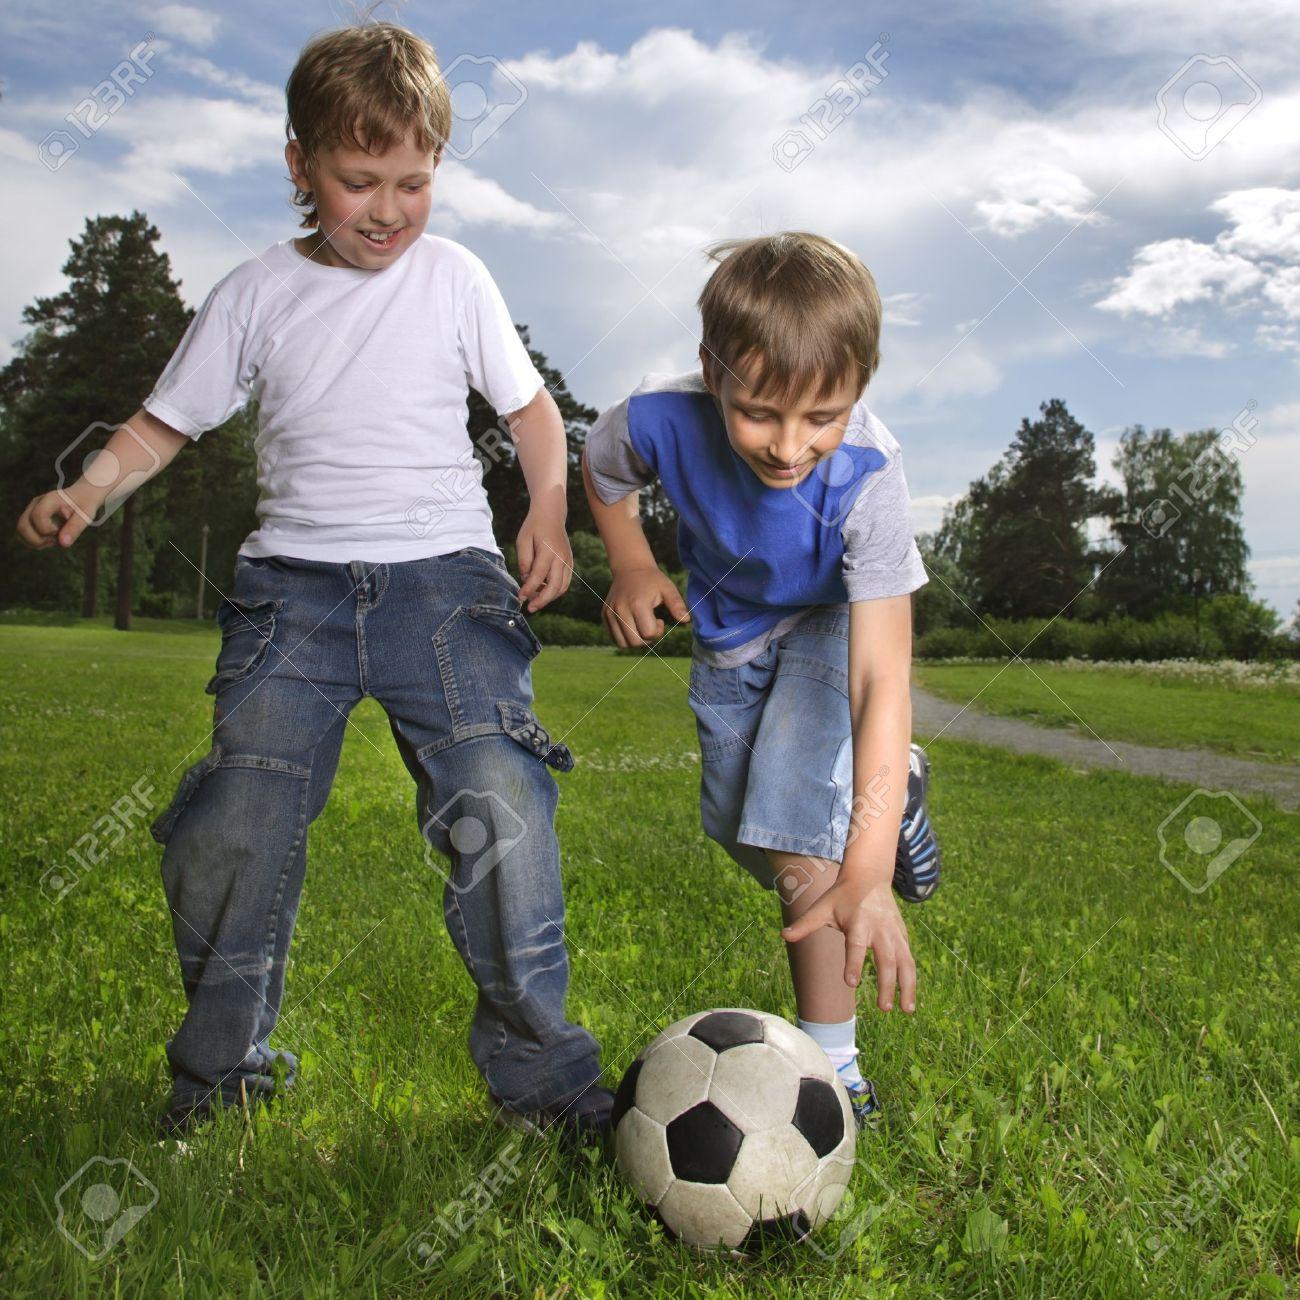 Boys play